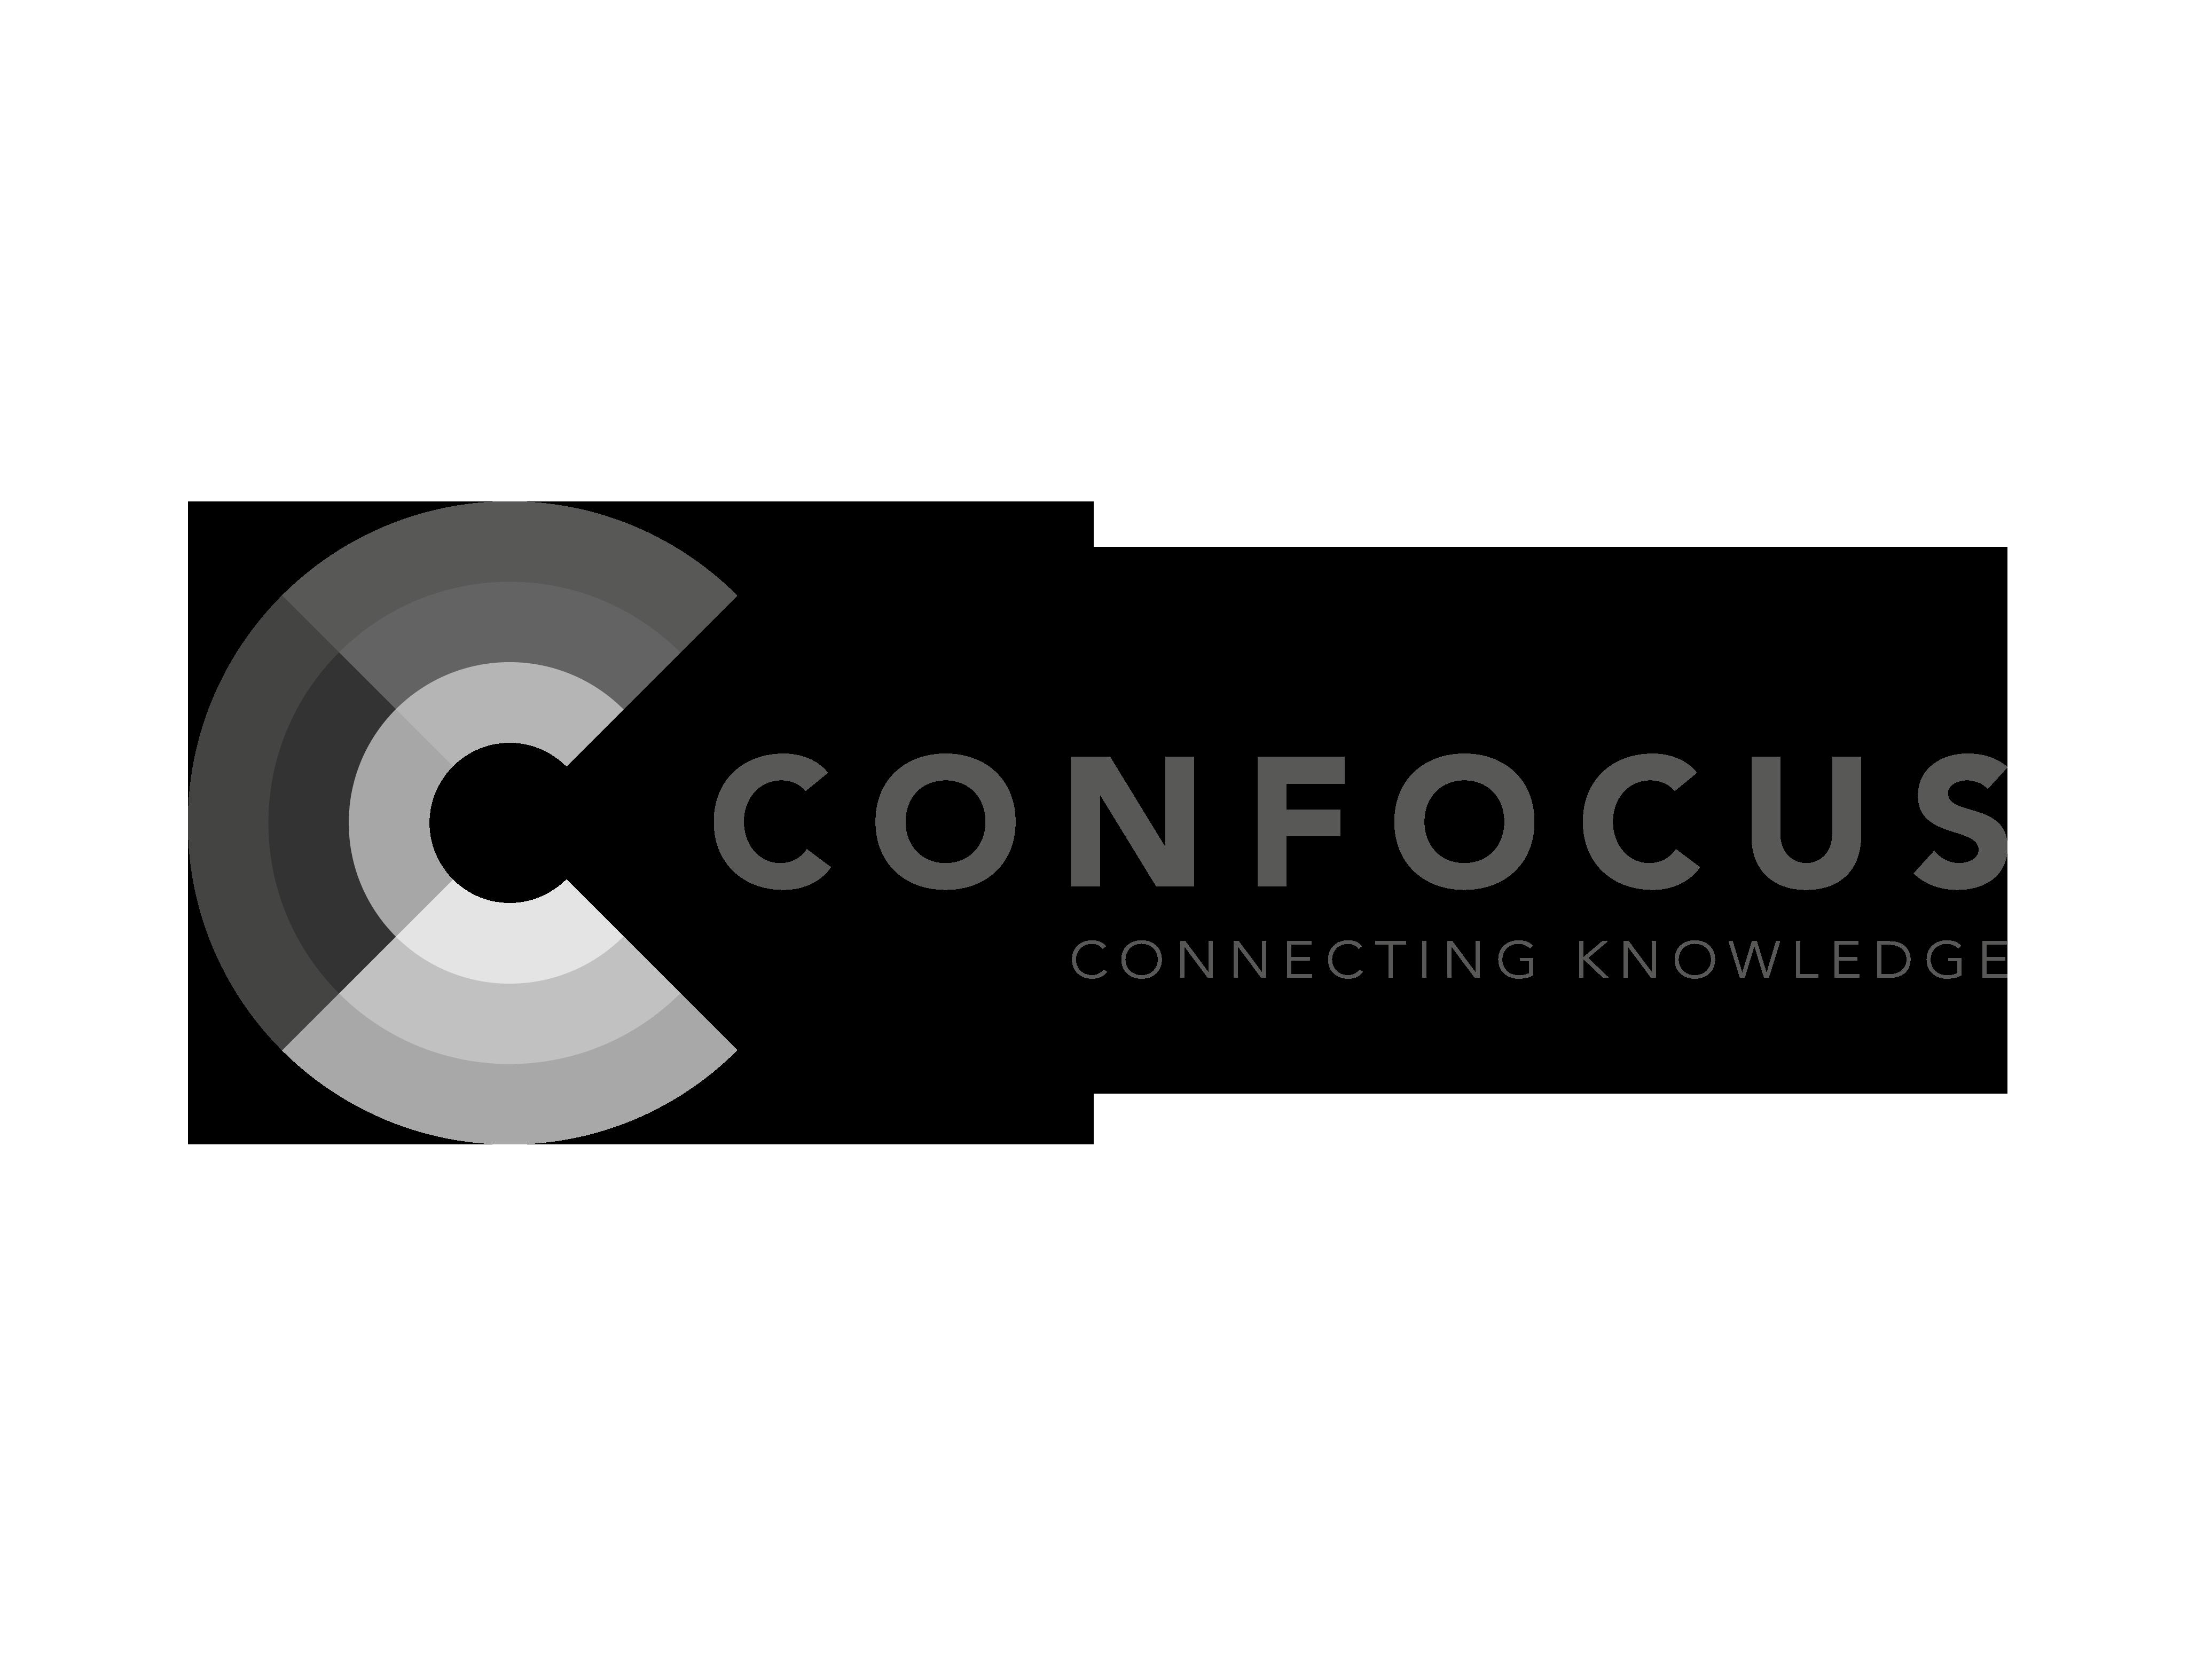 Confocus